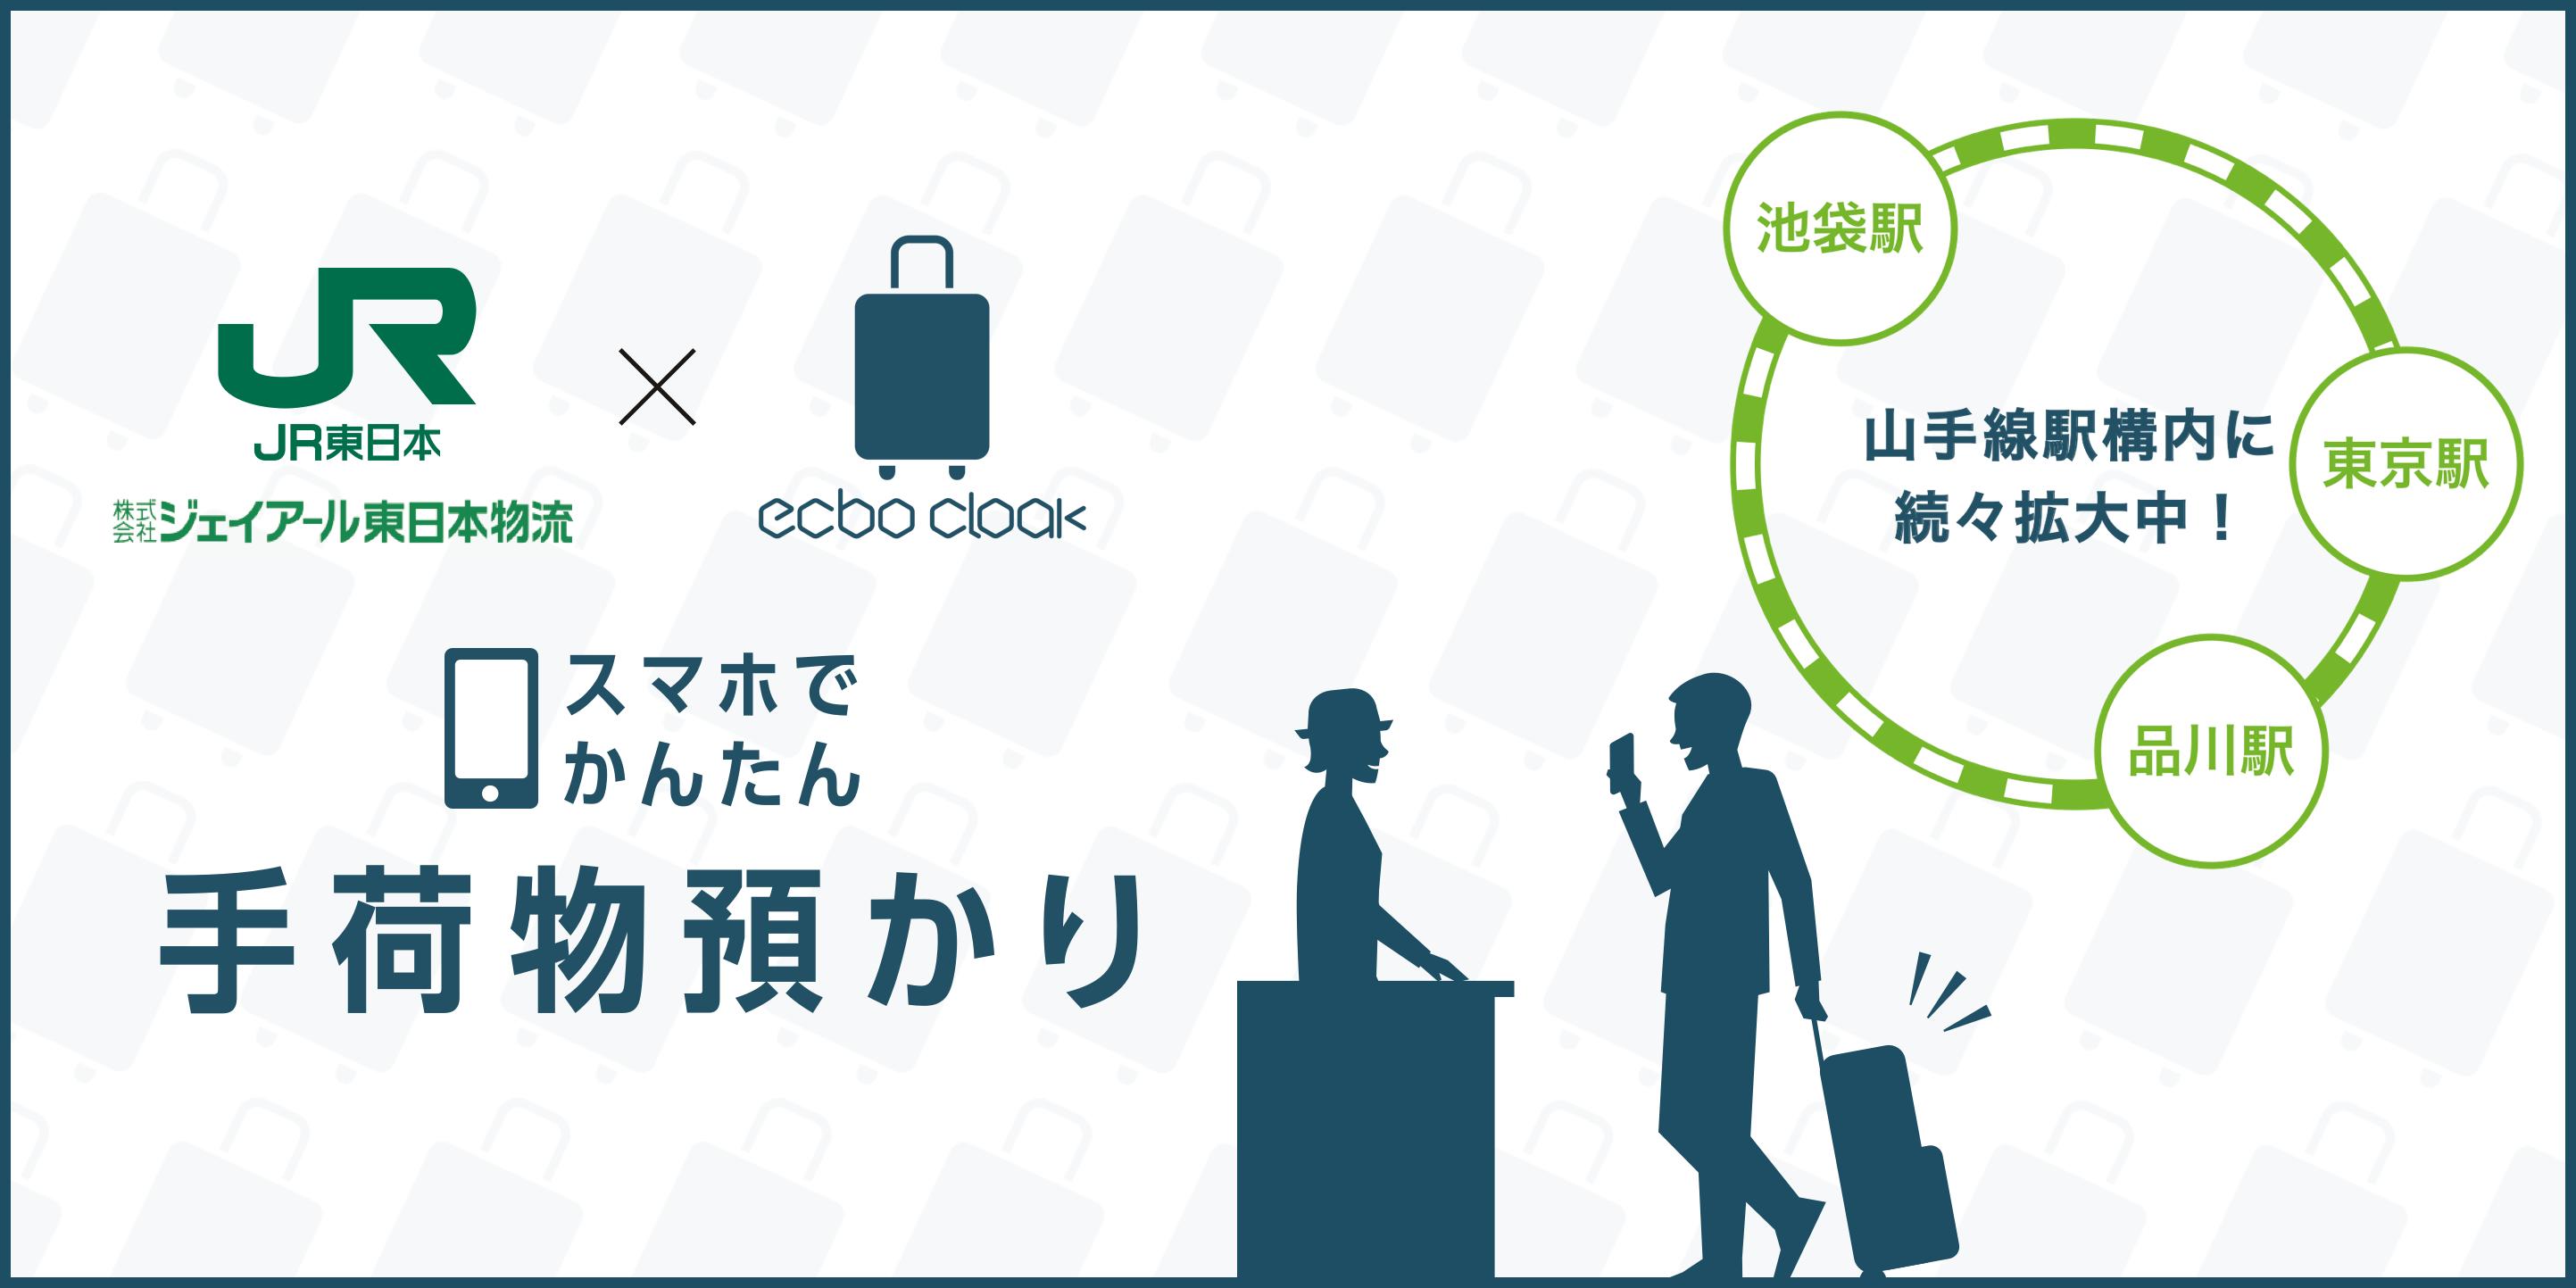 【東京】JR駅構内で荷物を預けられるecbo cloakカウンター!スマホでかんたん手荷物預かり